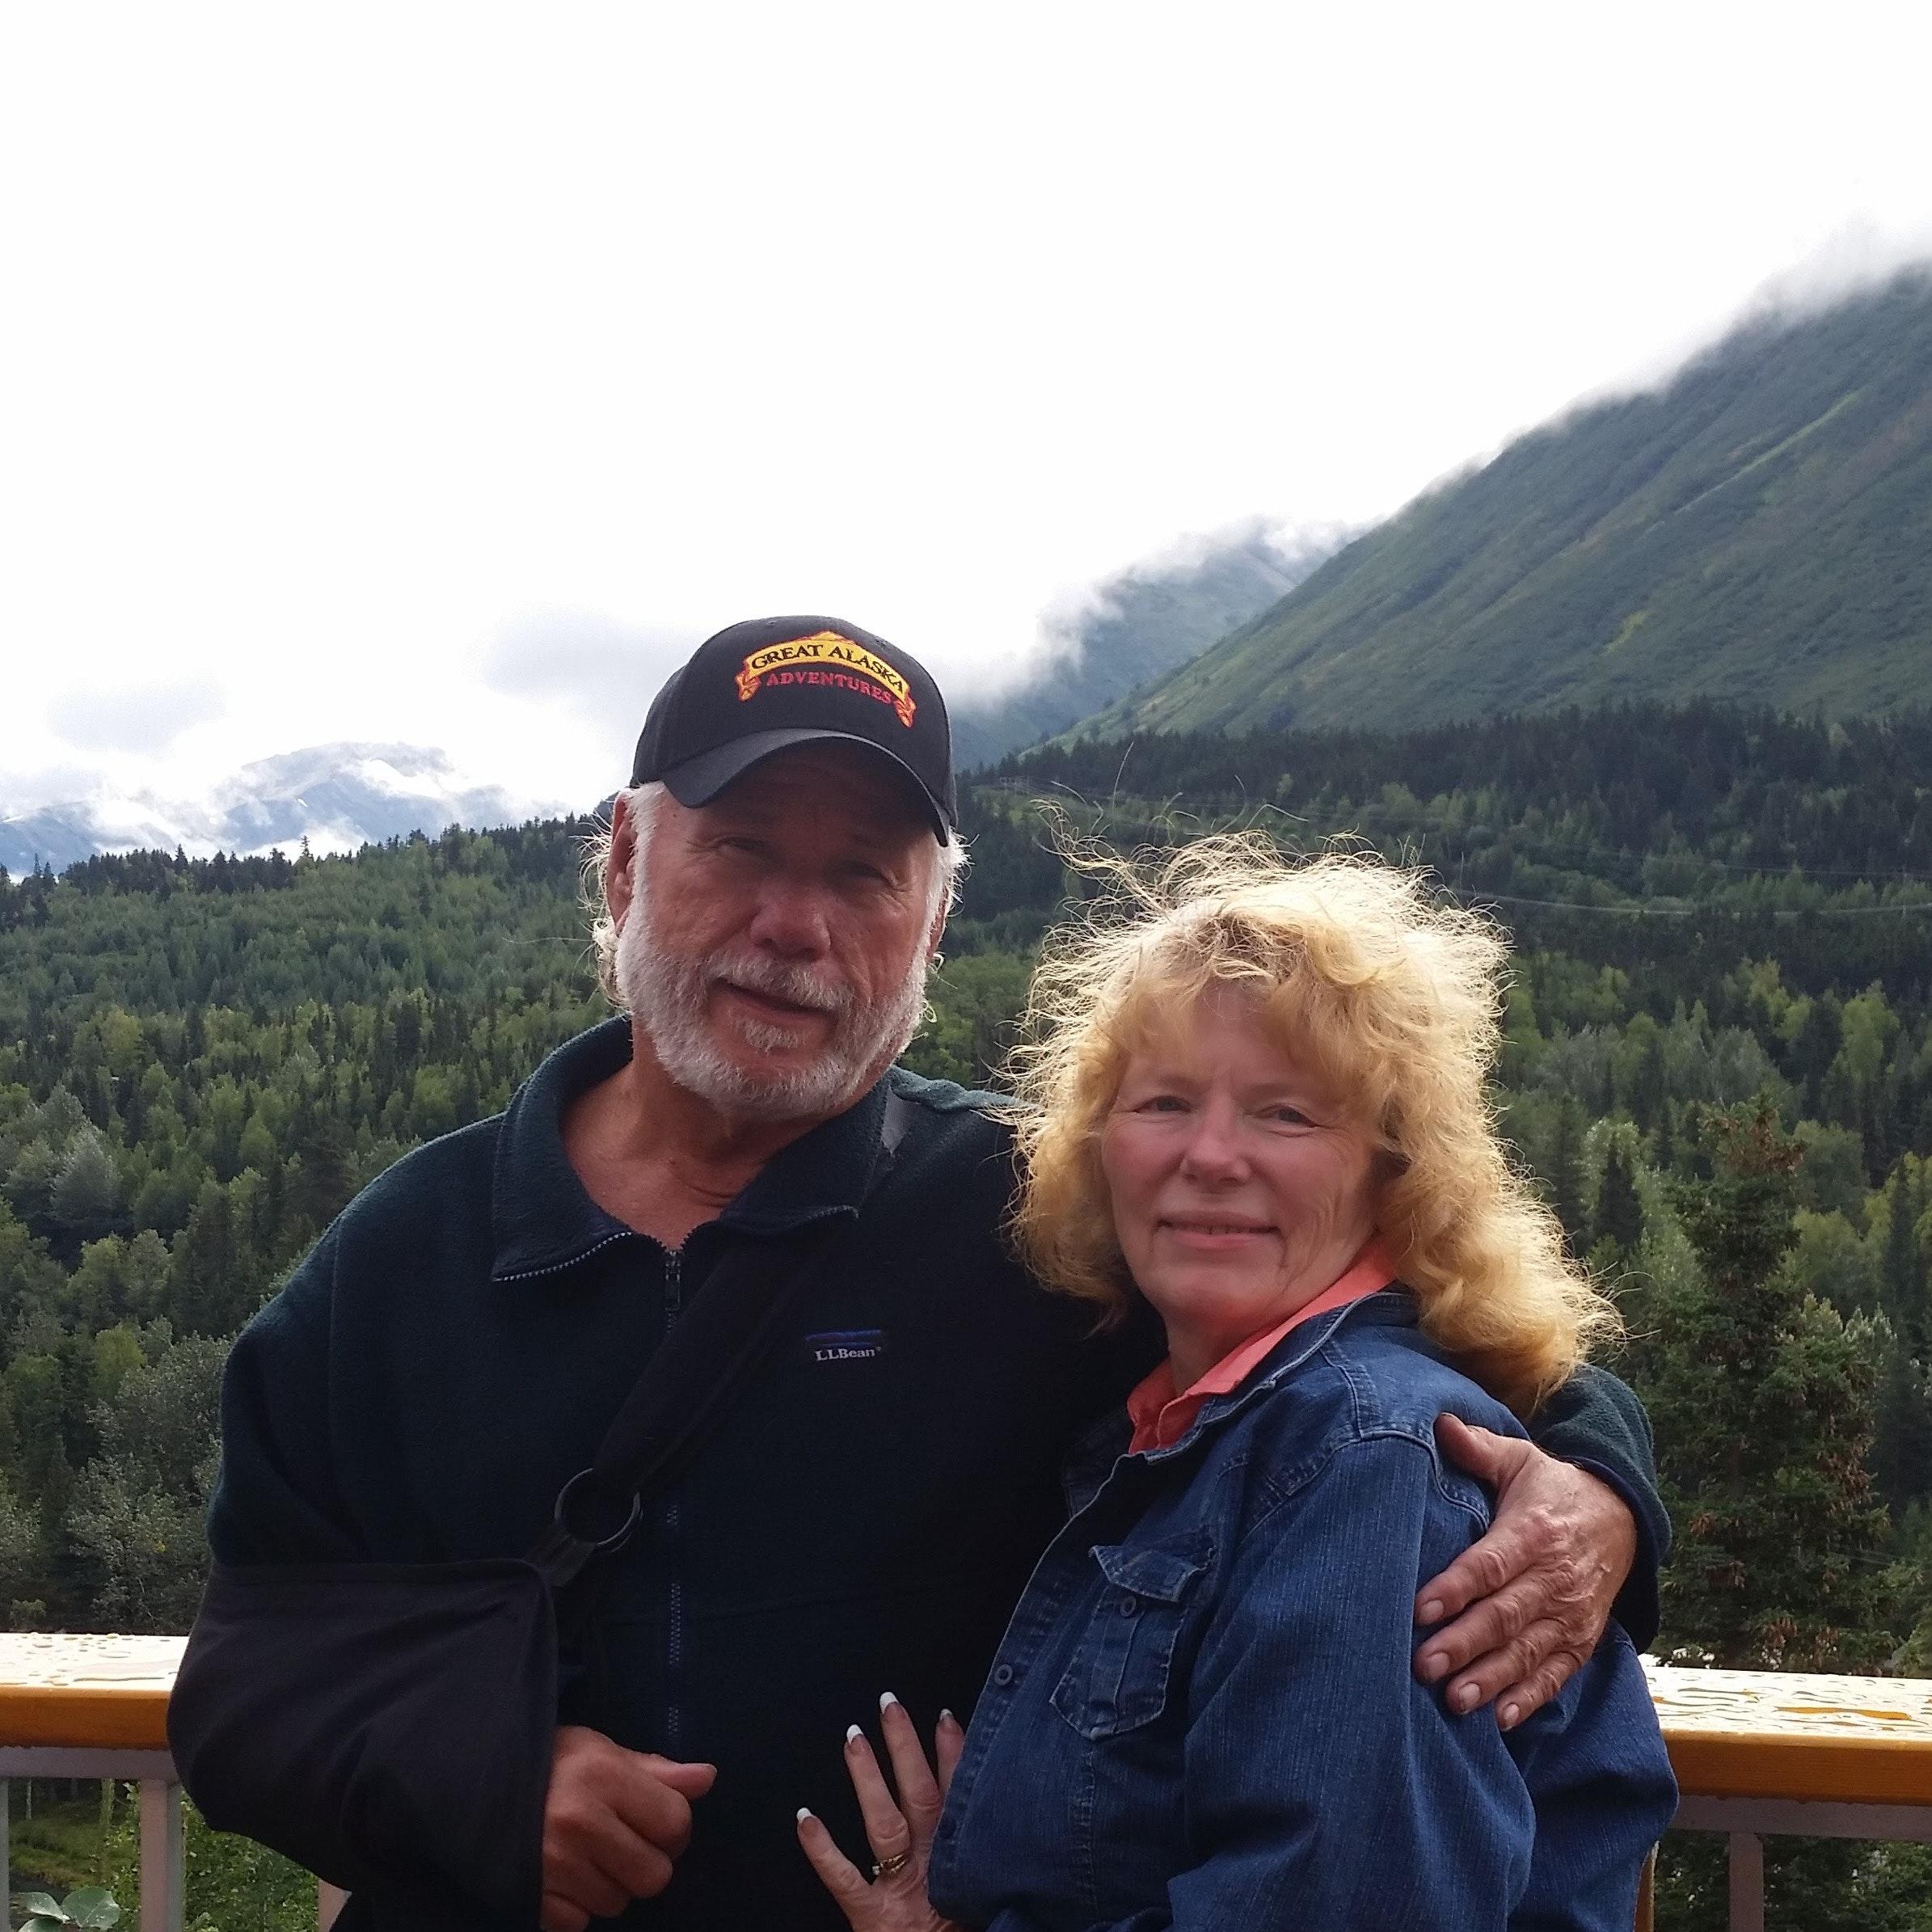 John and Kathy H.